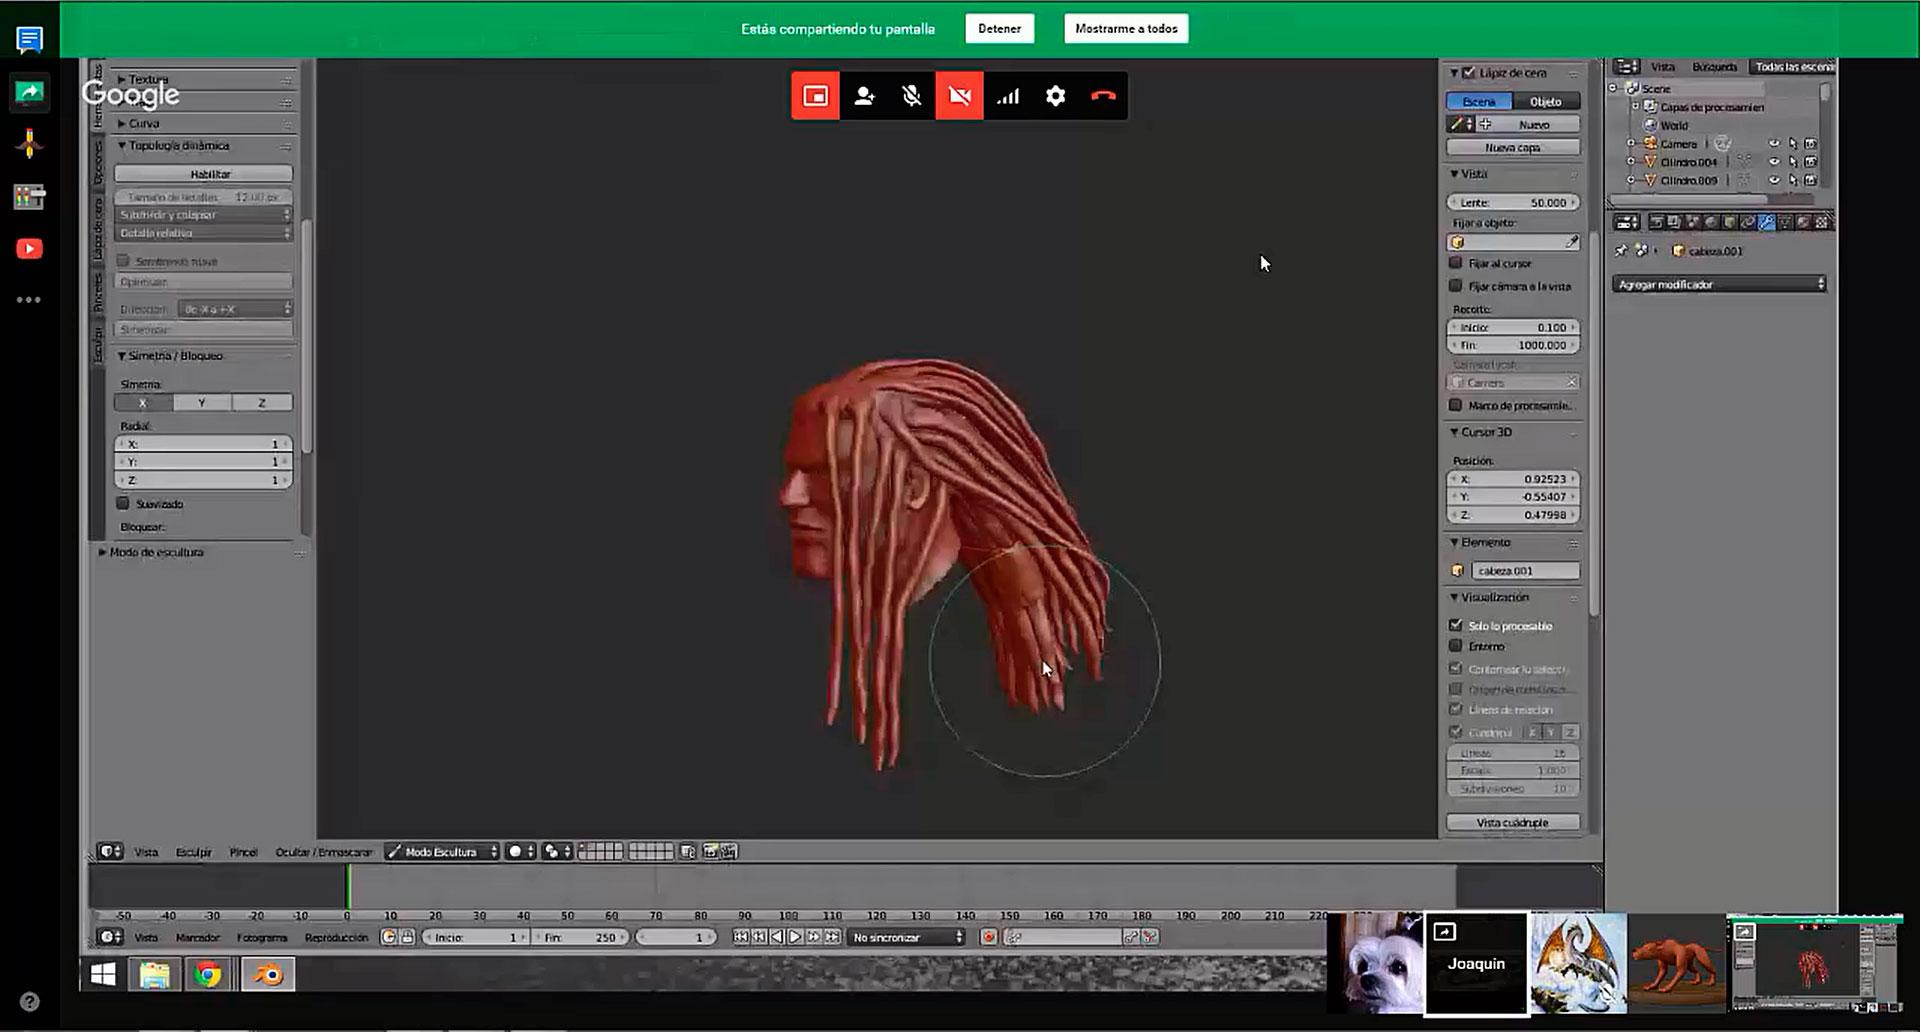 -videoconferencias_captura.jpg